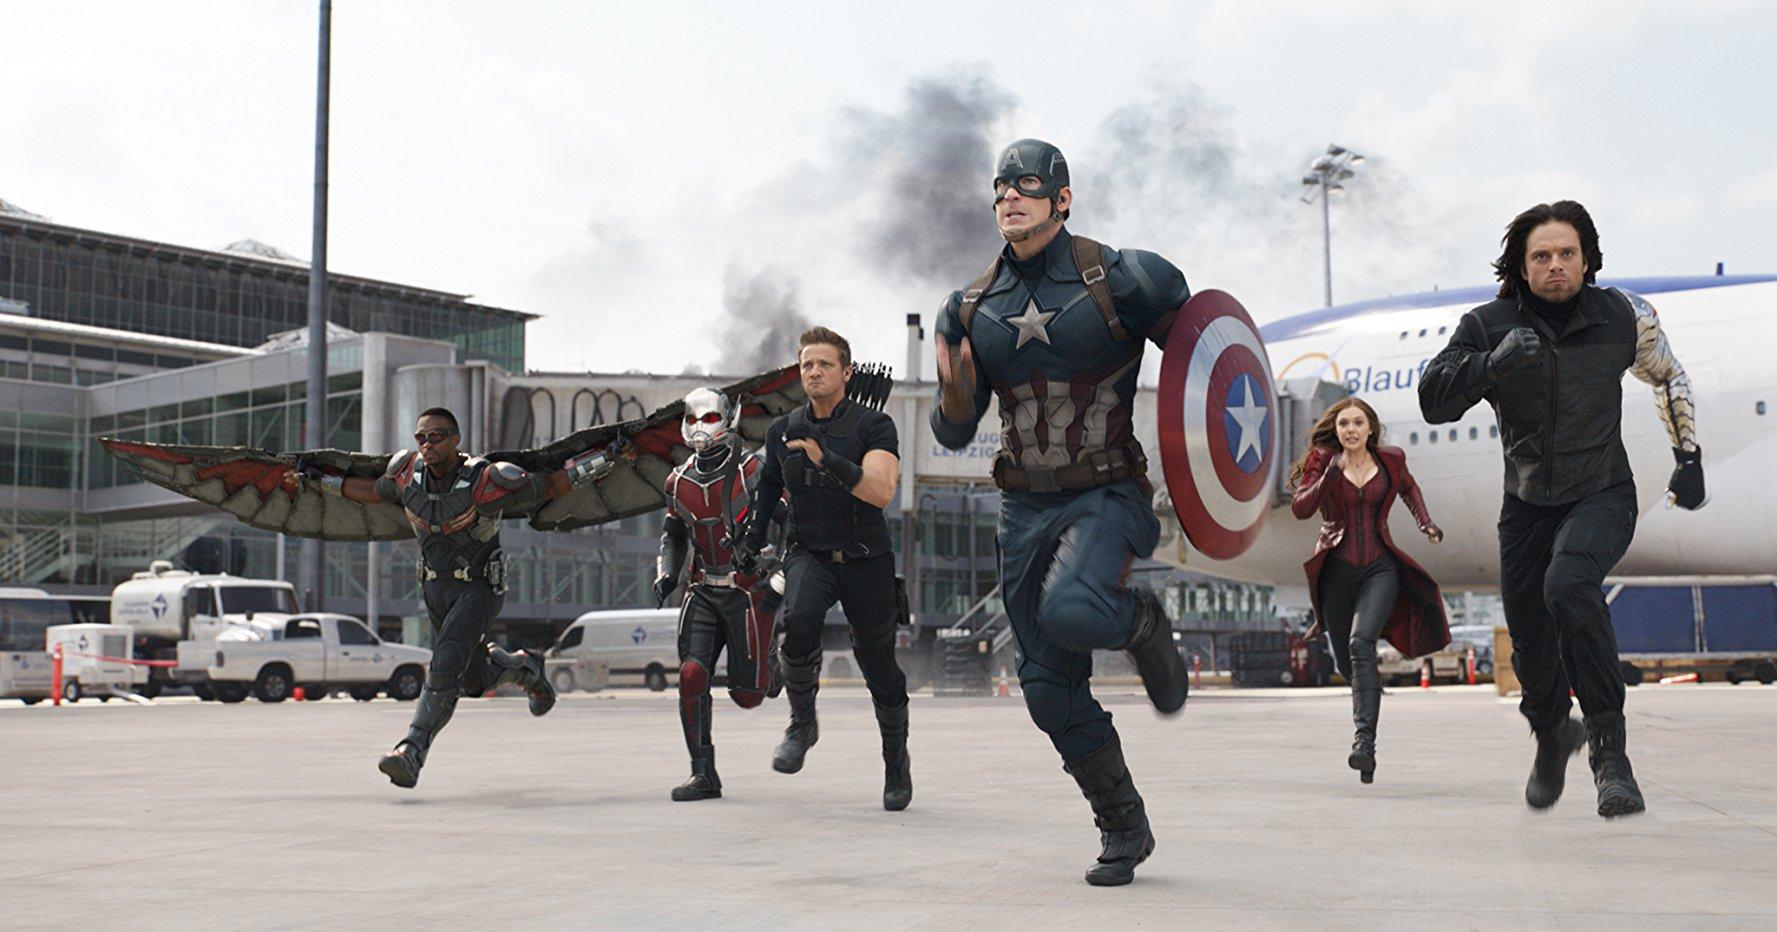 El estreno del filme coincidió con el 75 aniversario del estreno del Capitan América en los cómicos de Marvel